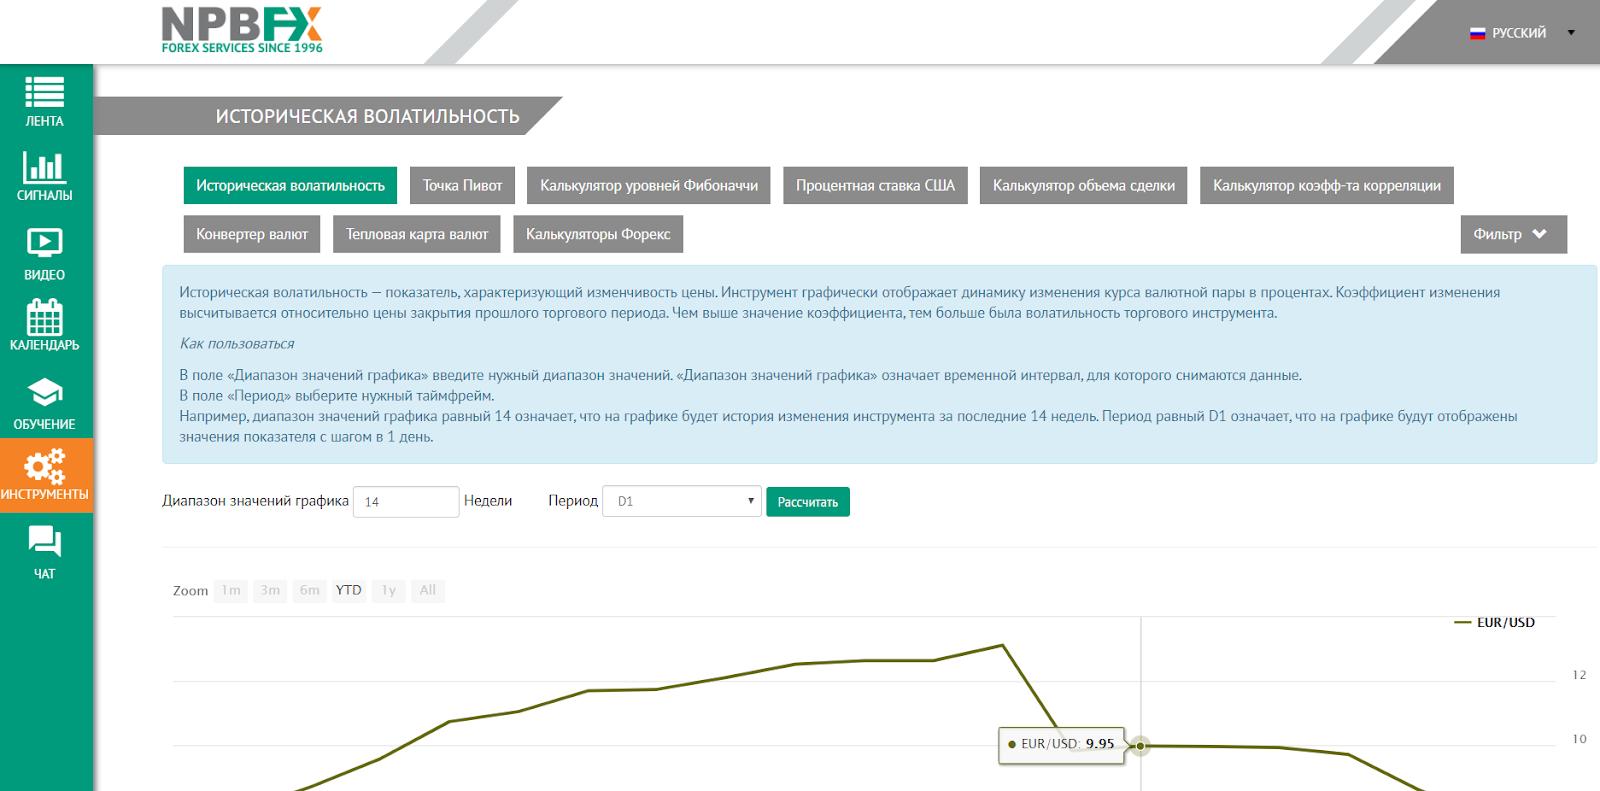 Раздел «Инструменты» Аналитического портала NPBFX